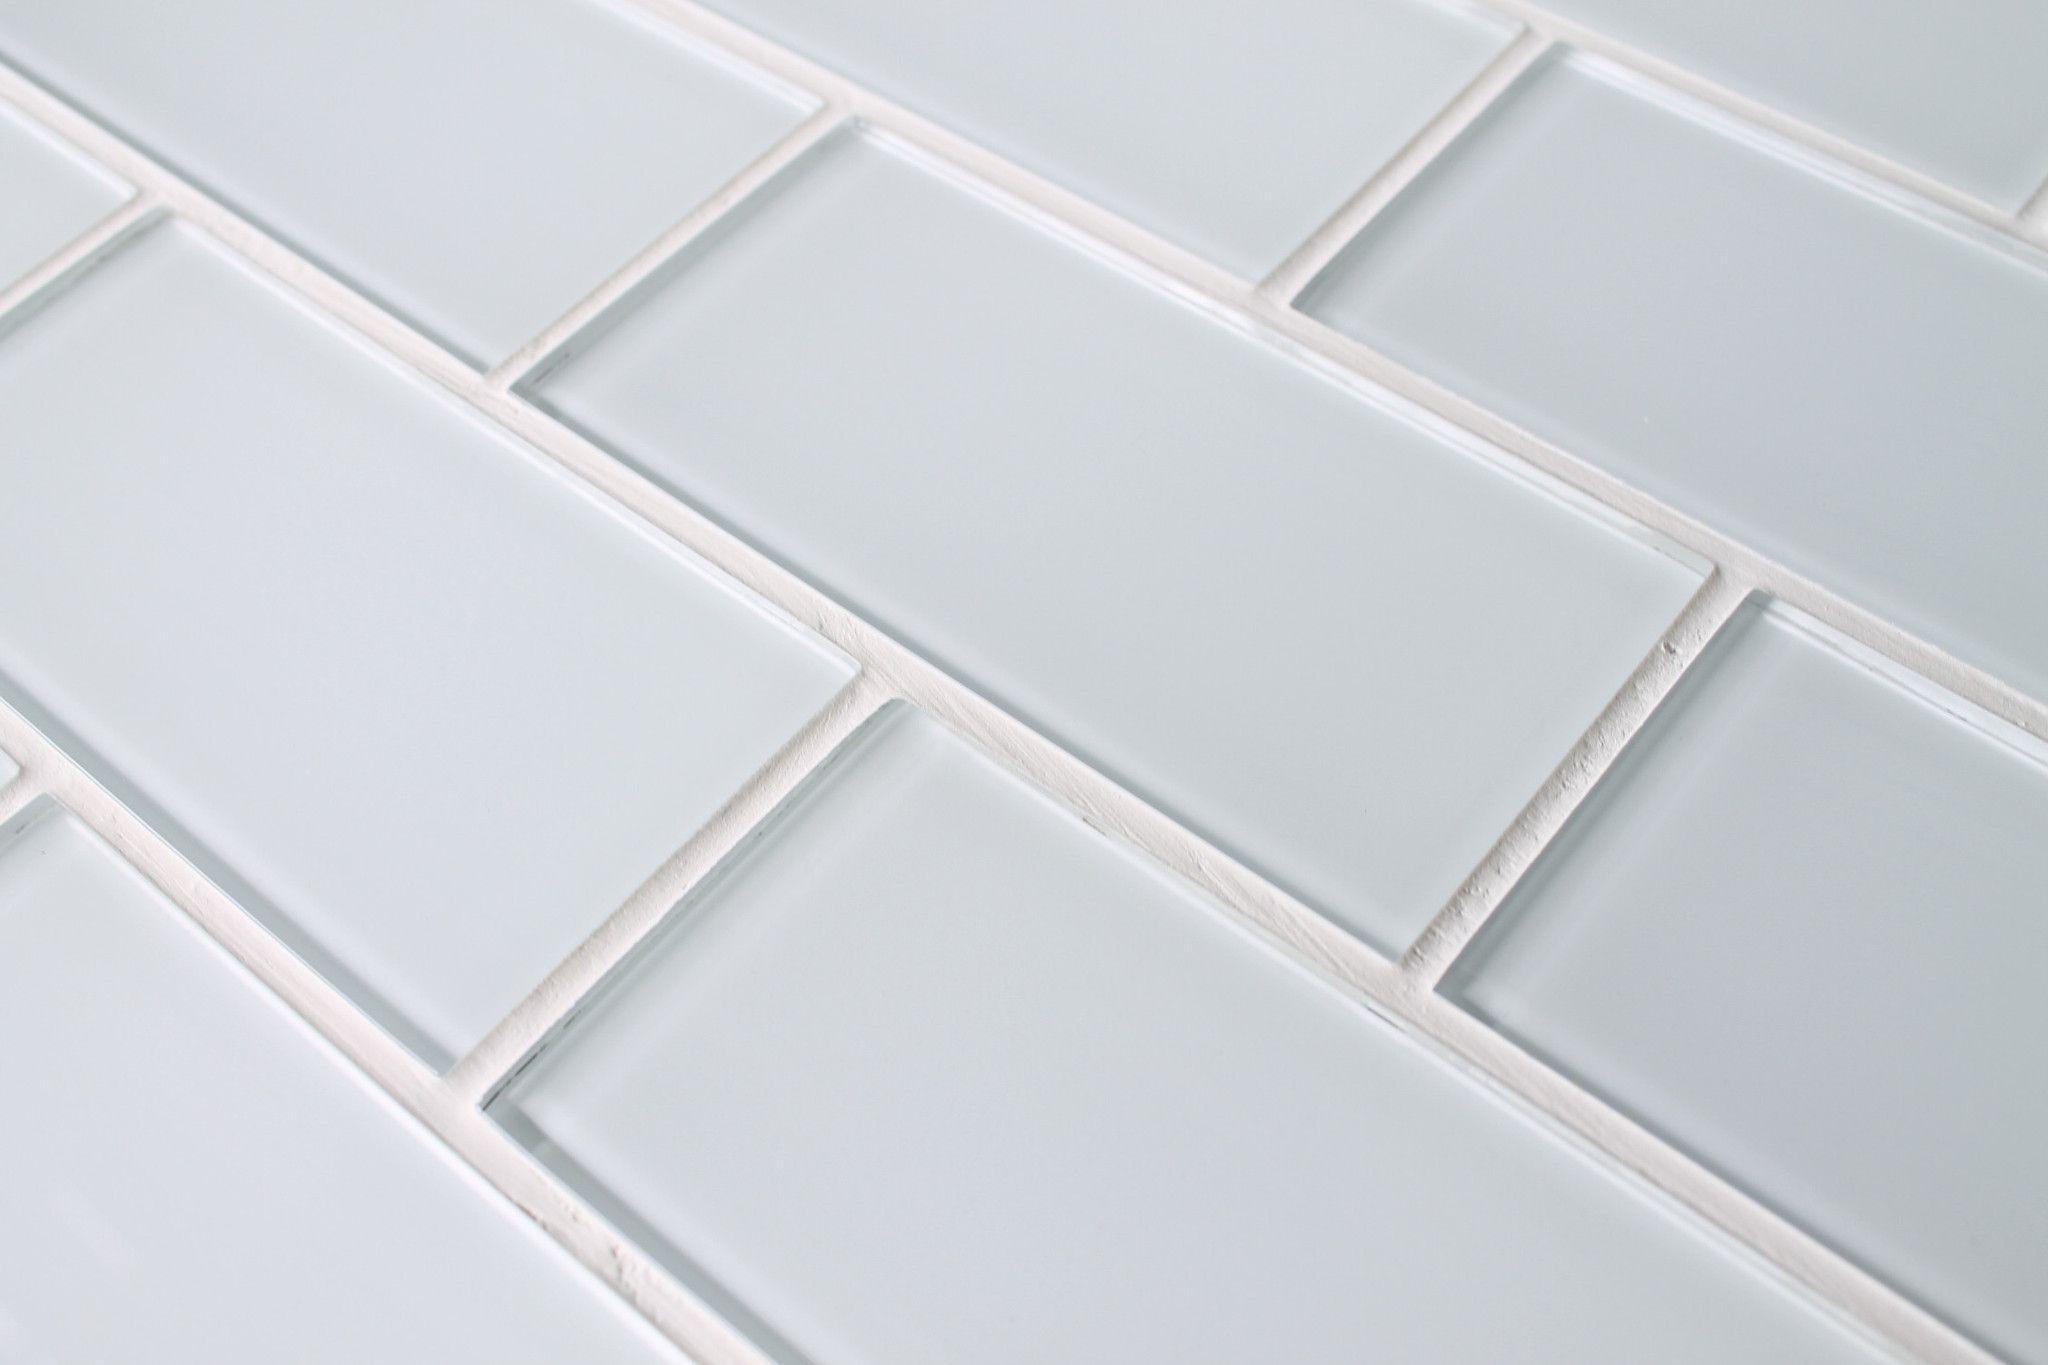 Snow White 3x6 Glass Subway Tiles White Glass Tile Glass Subway Tile Linear Glass Tile